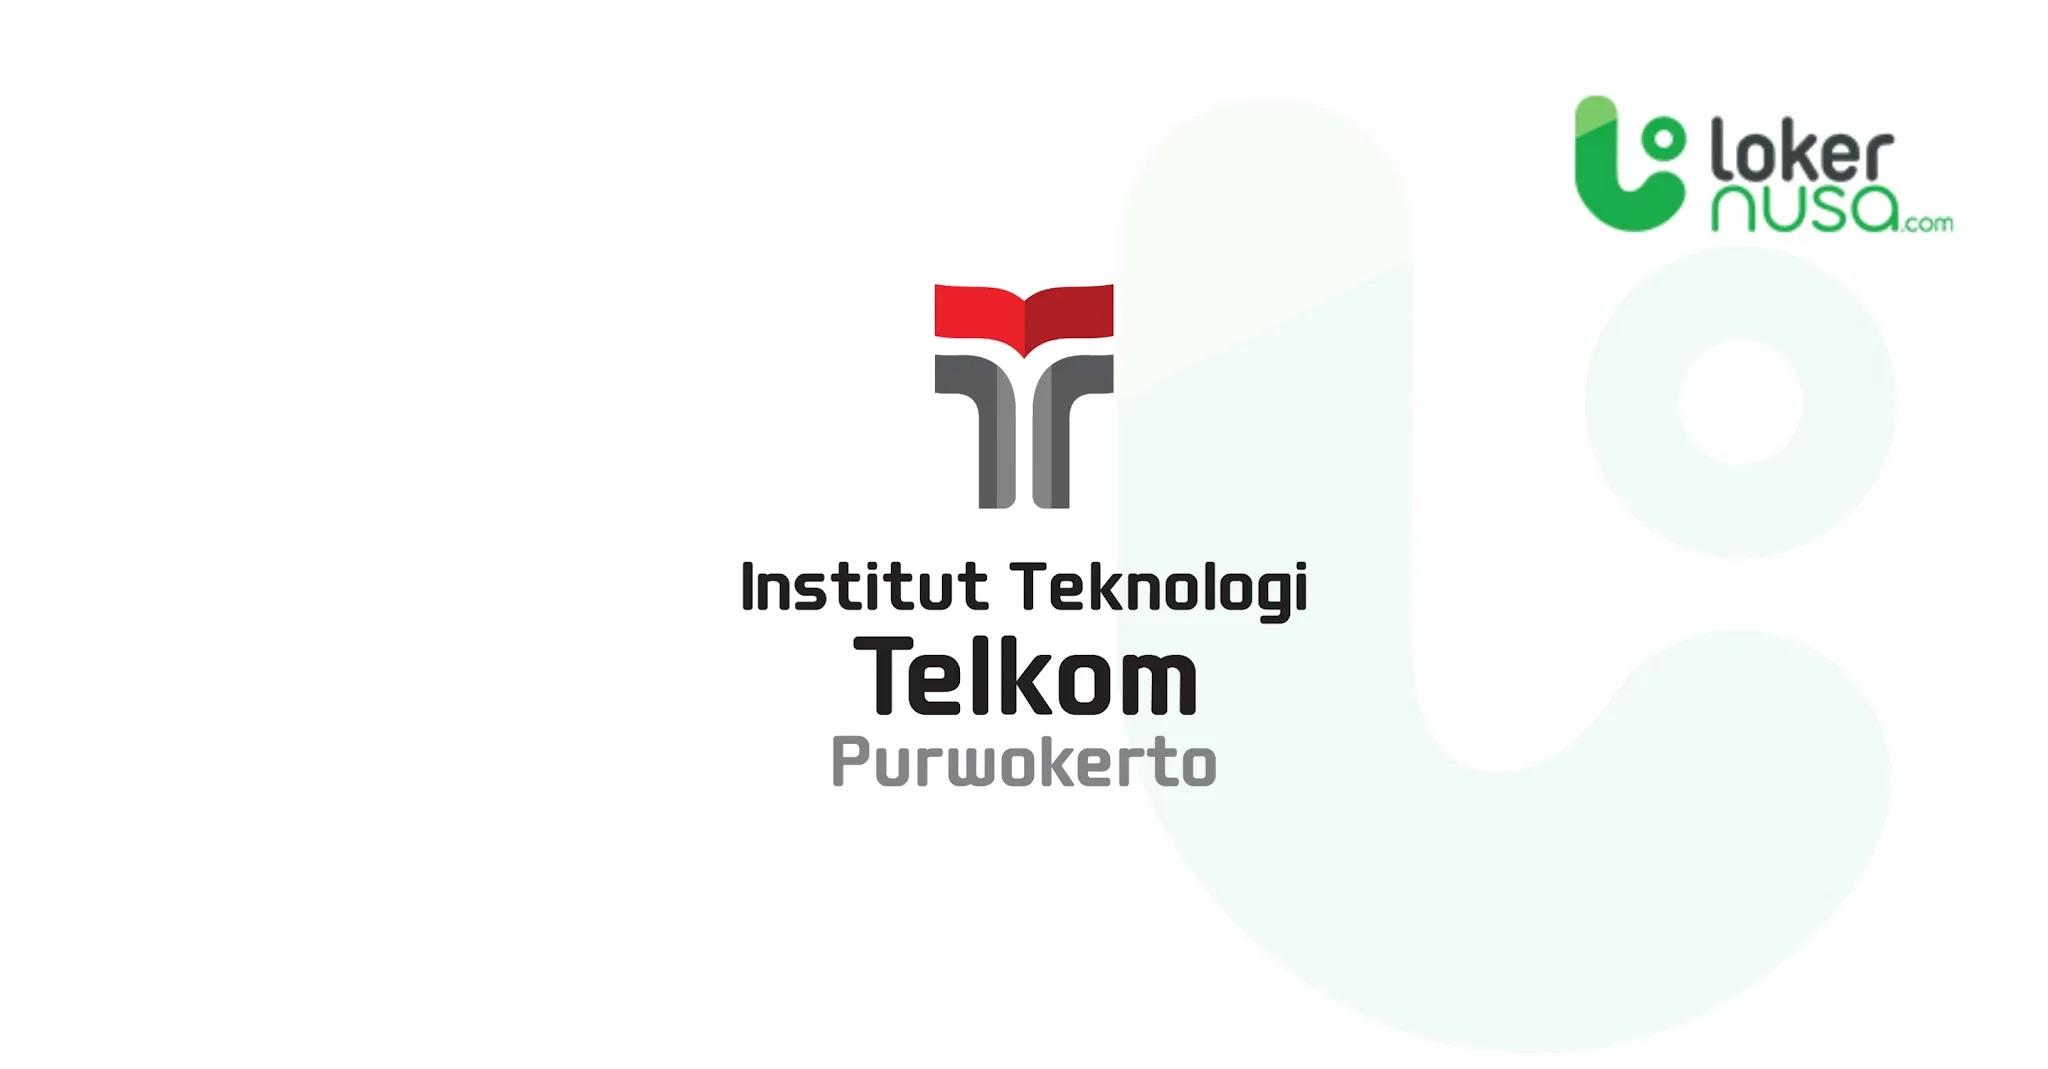 Lowongan Kerja Terbaru Institut Teknologi Telkom